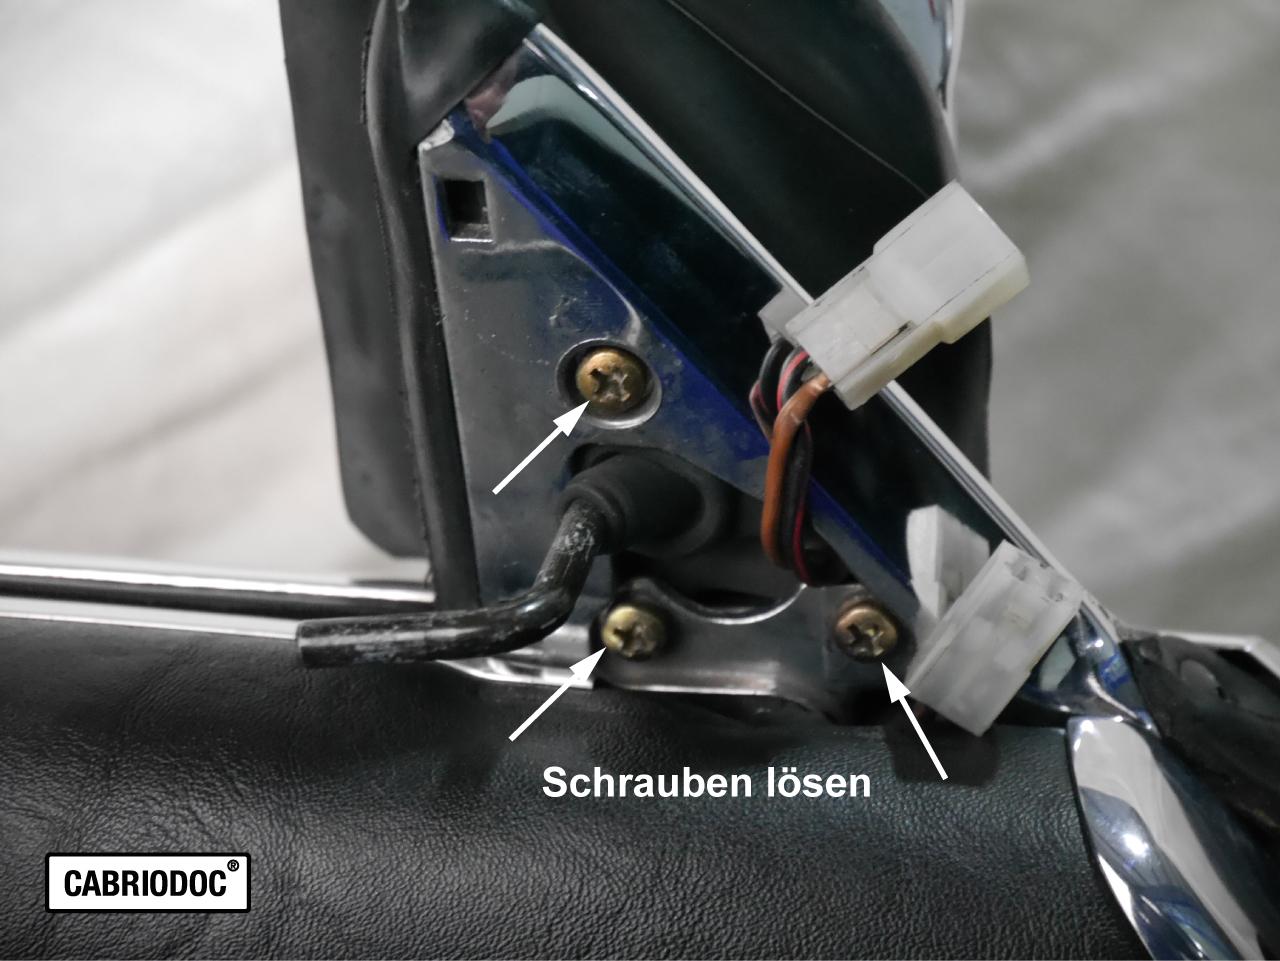 Aussenspiegel-links-mechanisch-beheizt-MB-107_04_1280